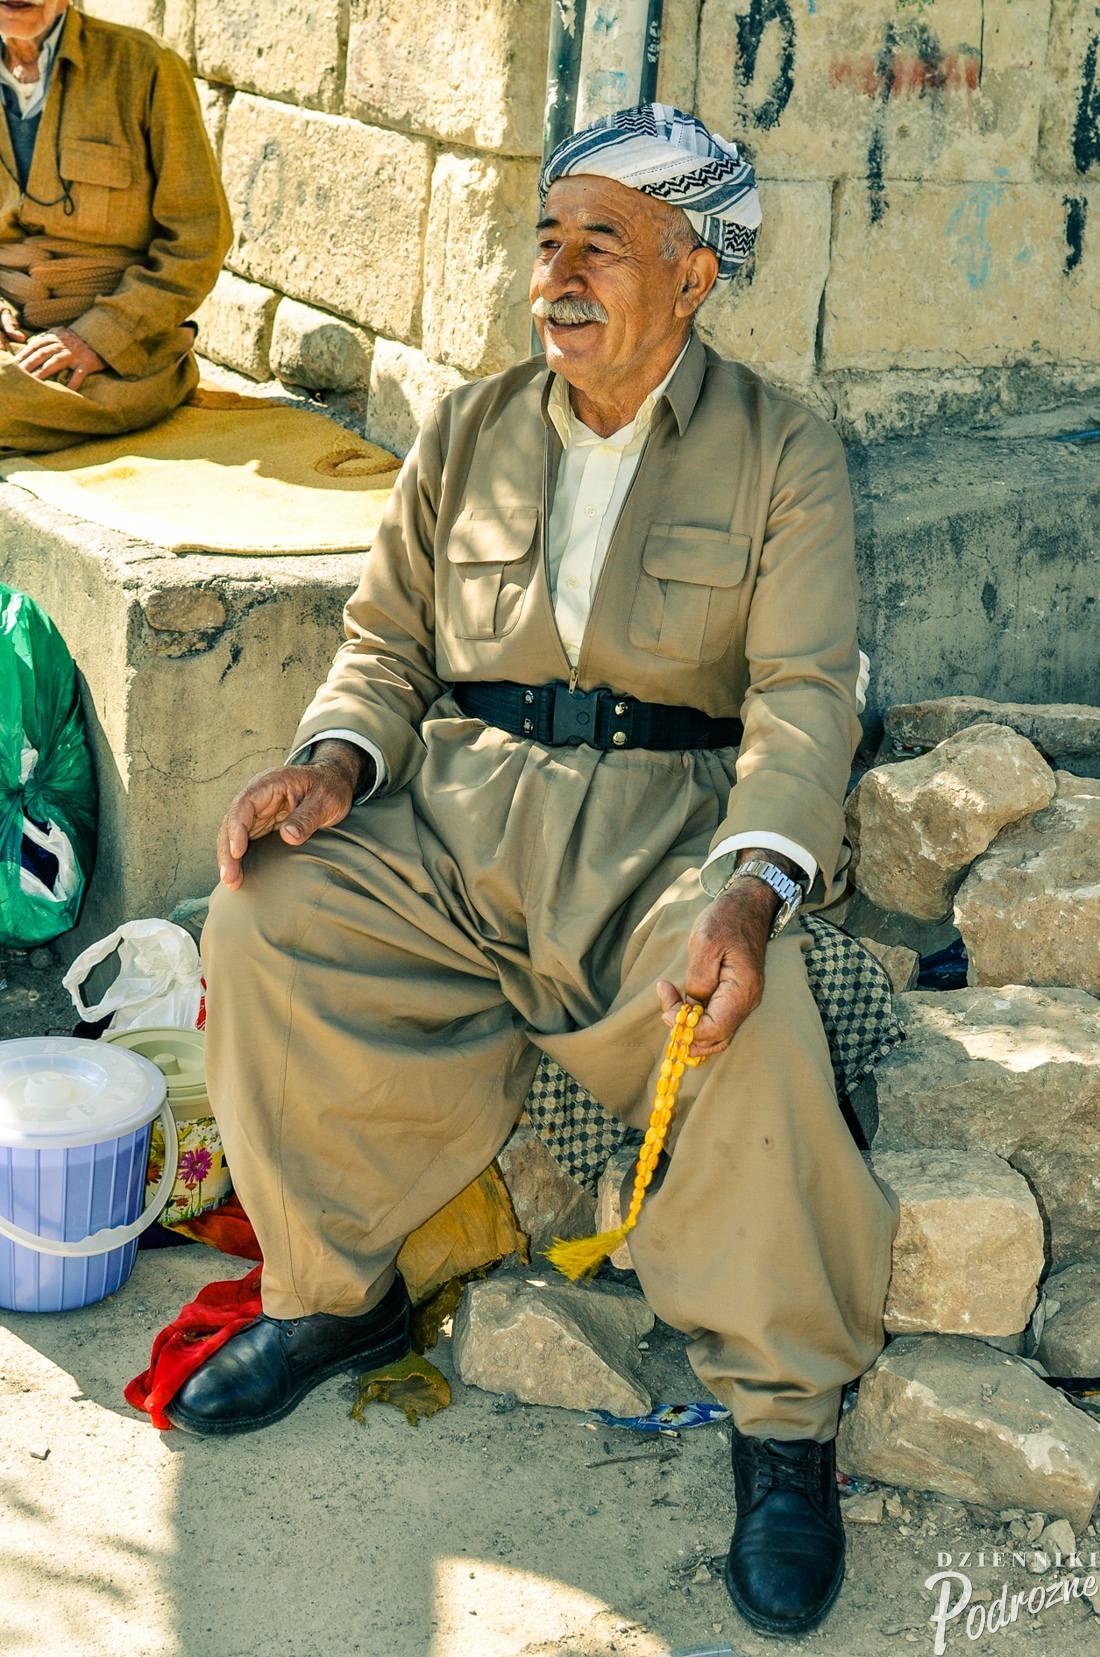 Kurd w tradycyjnym stroju